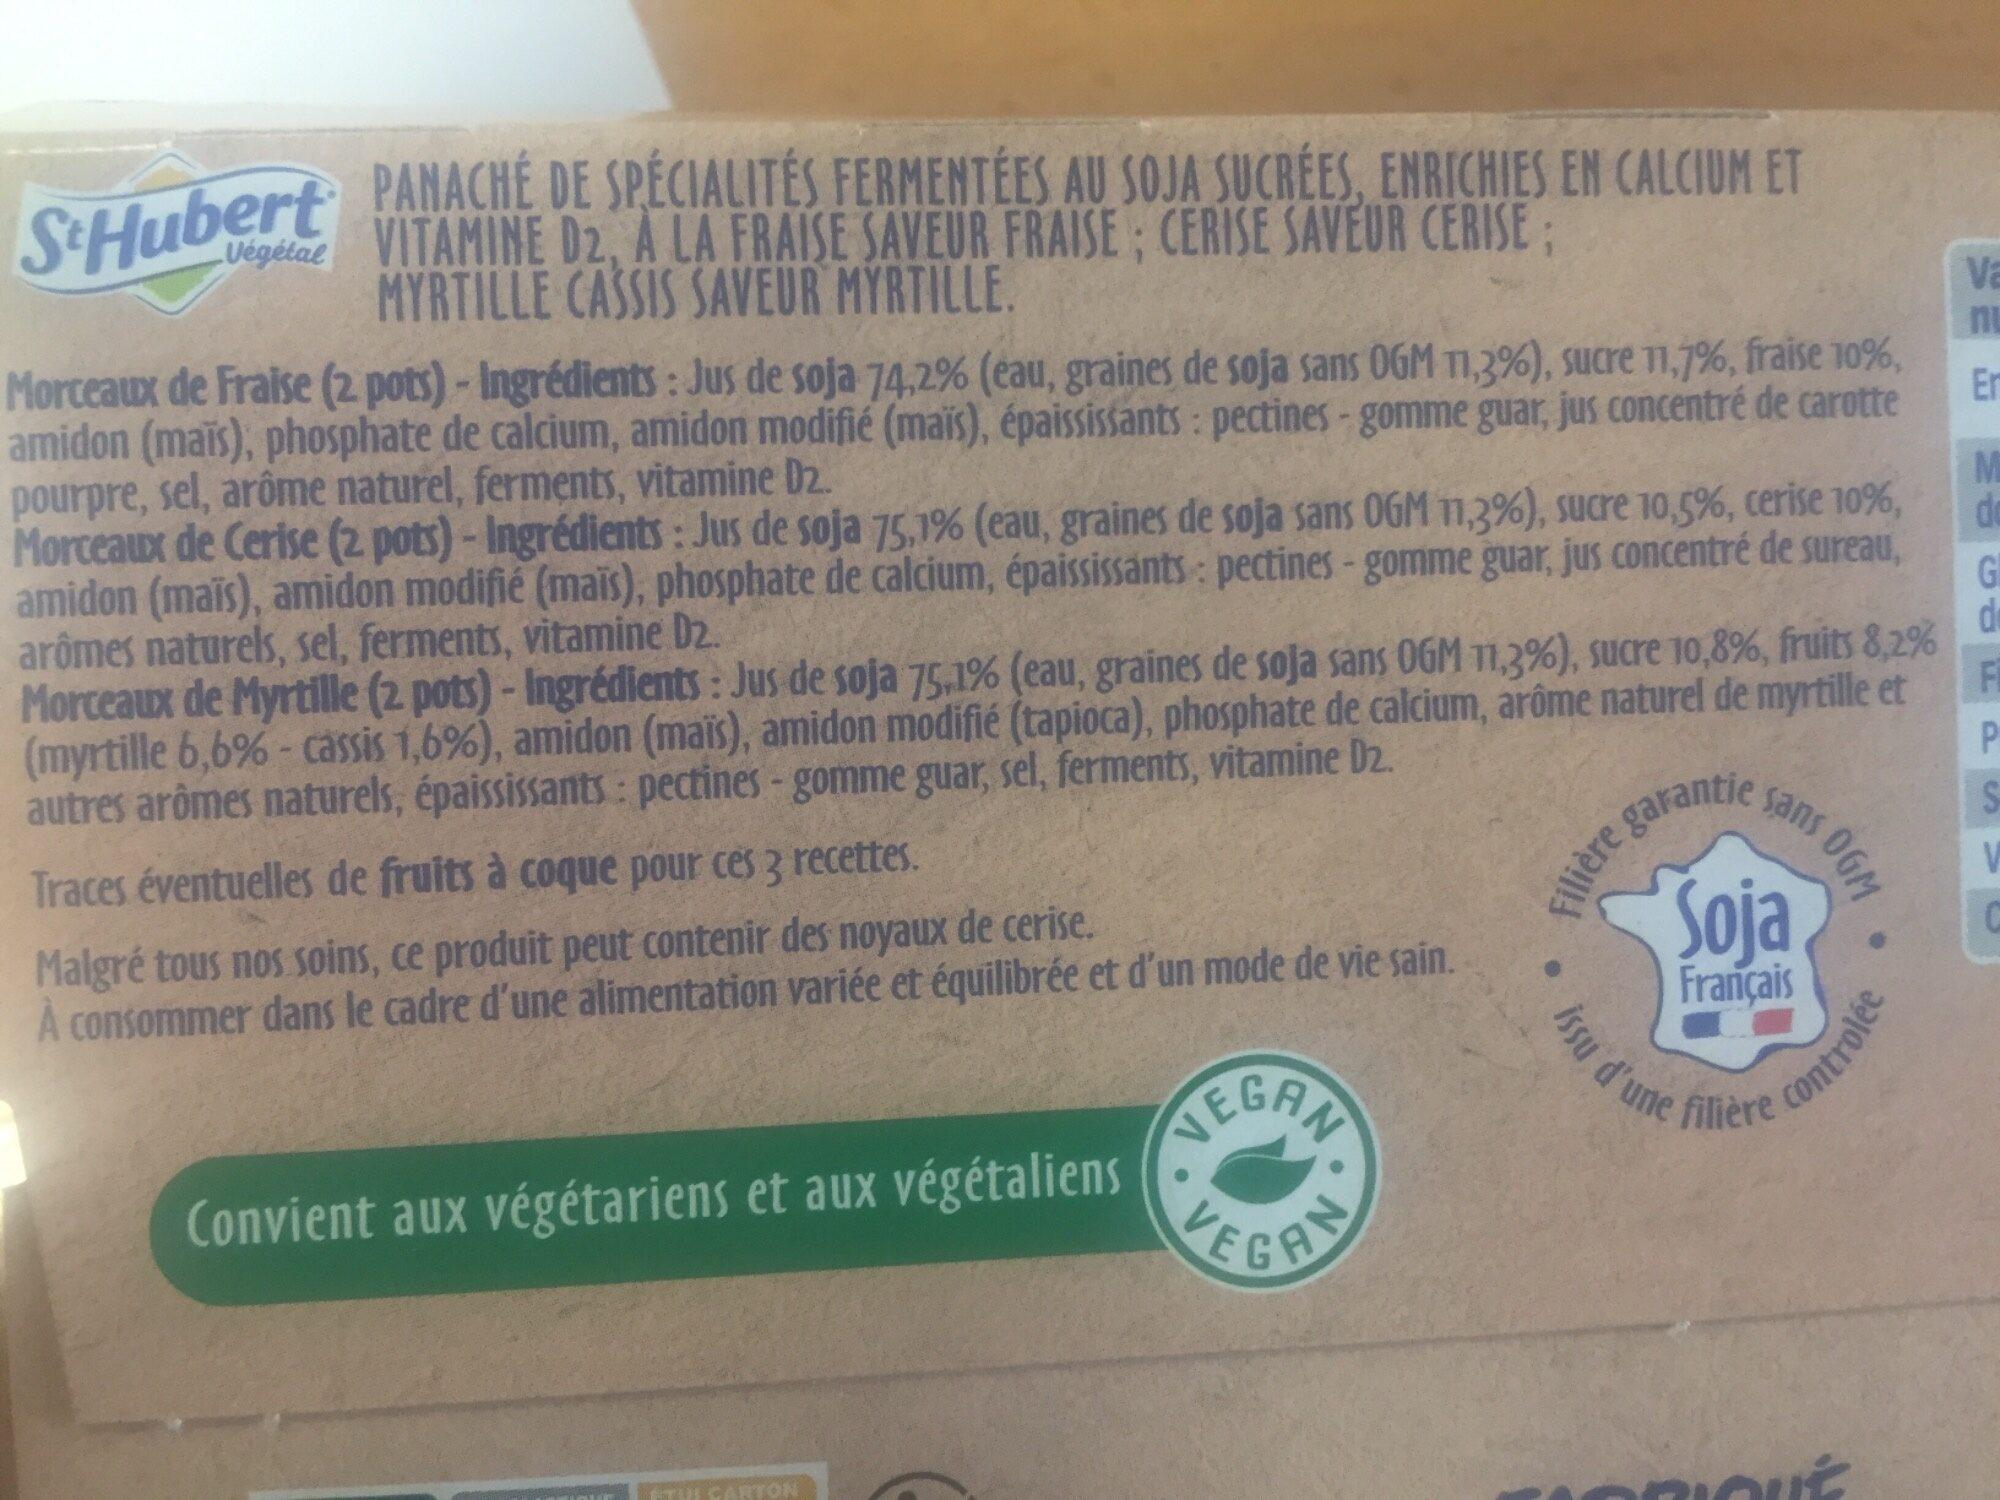 Les petits plaisirs soja aux fruits rouges - Ingrédients - fr